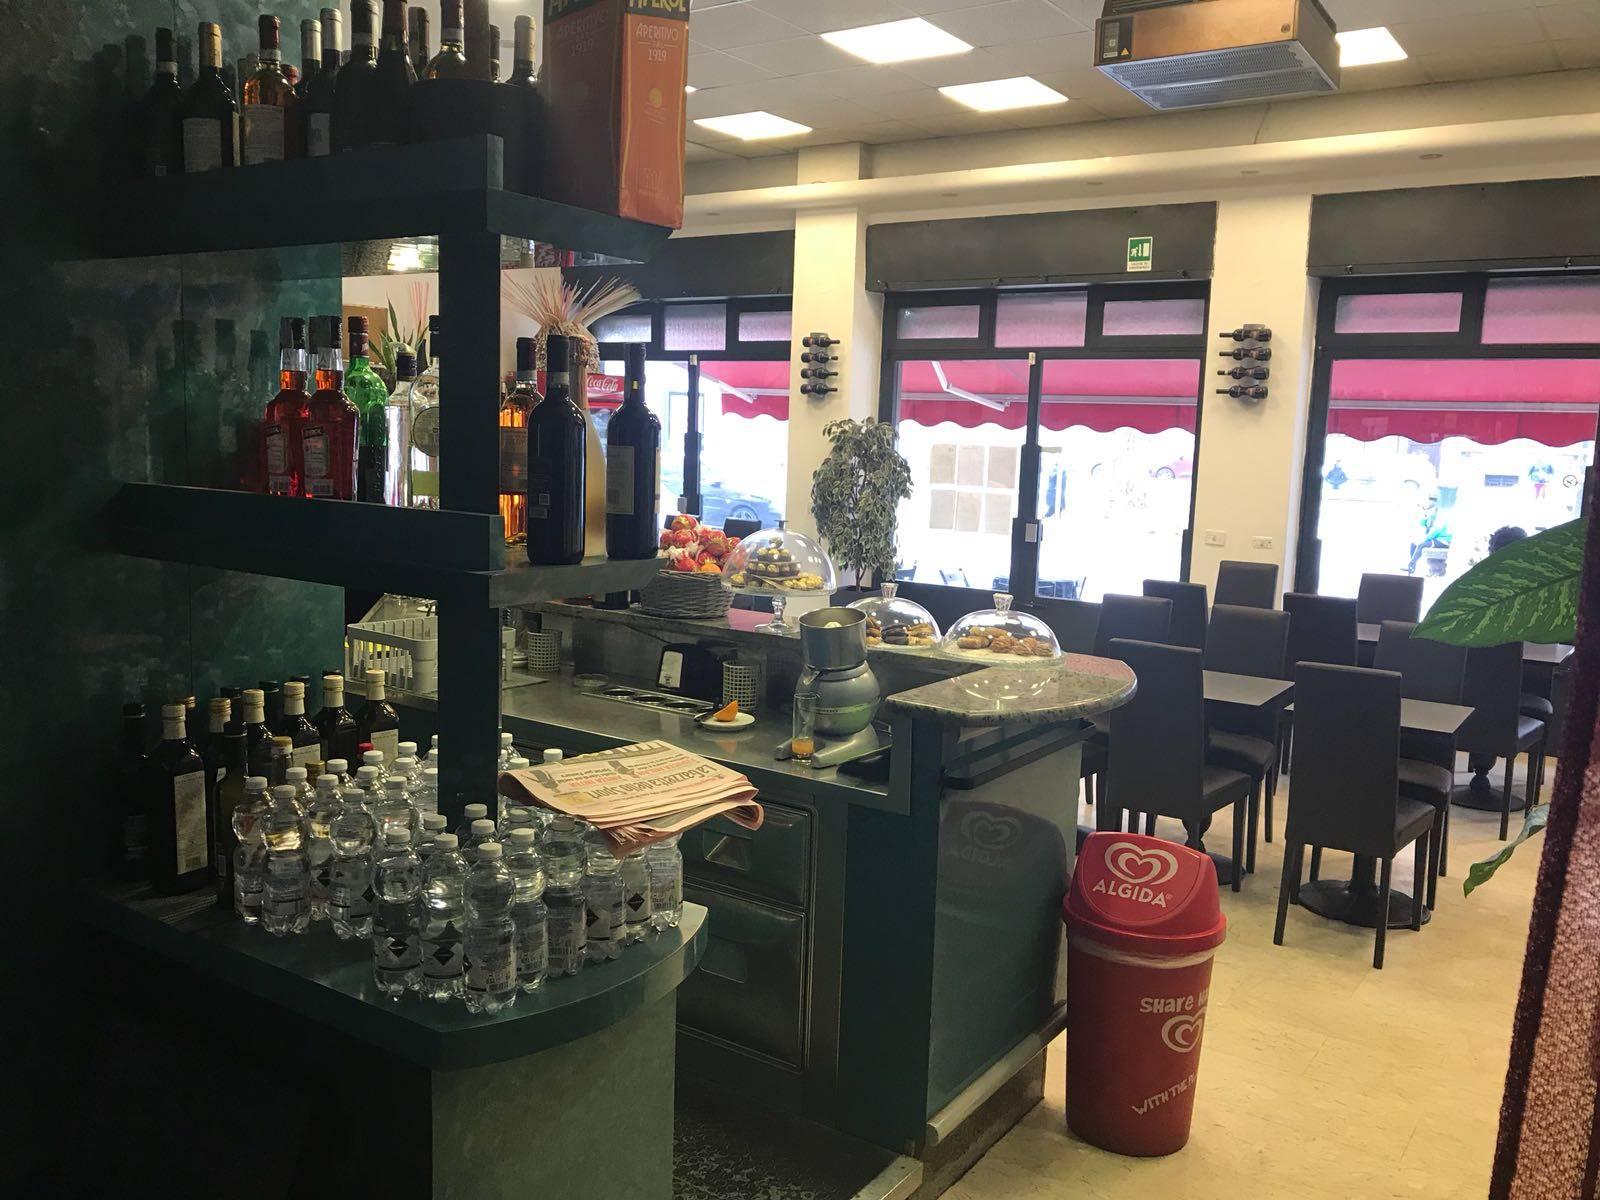 Attività commerciale Bar e tabacchi in vendita, Milano città studi